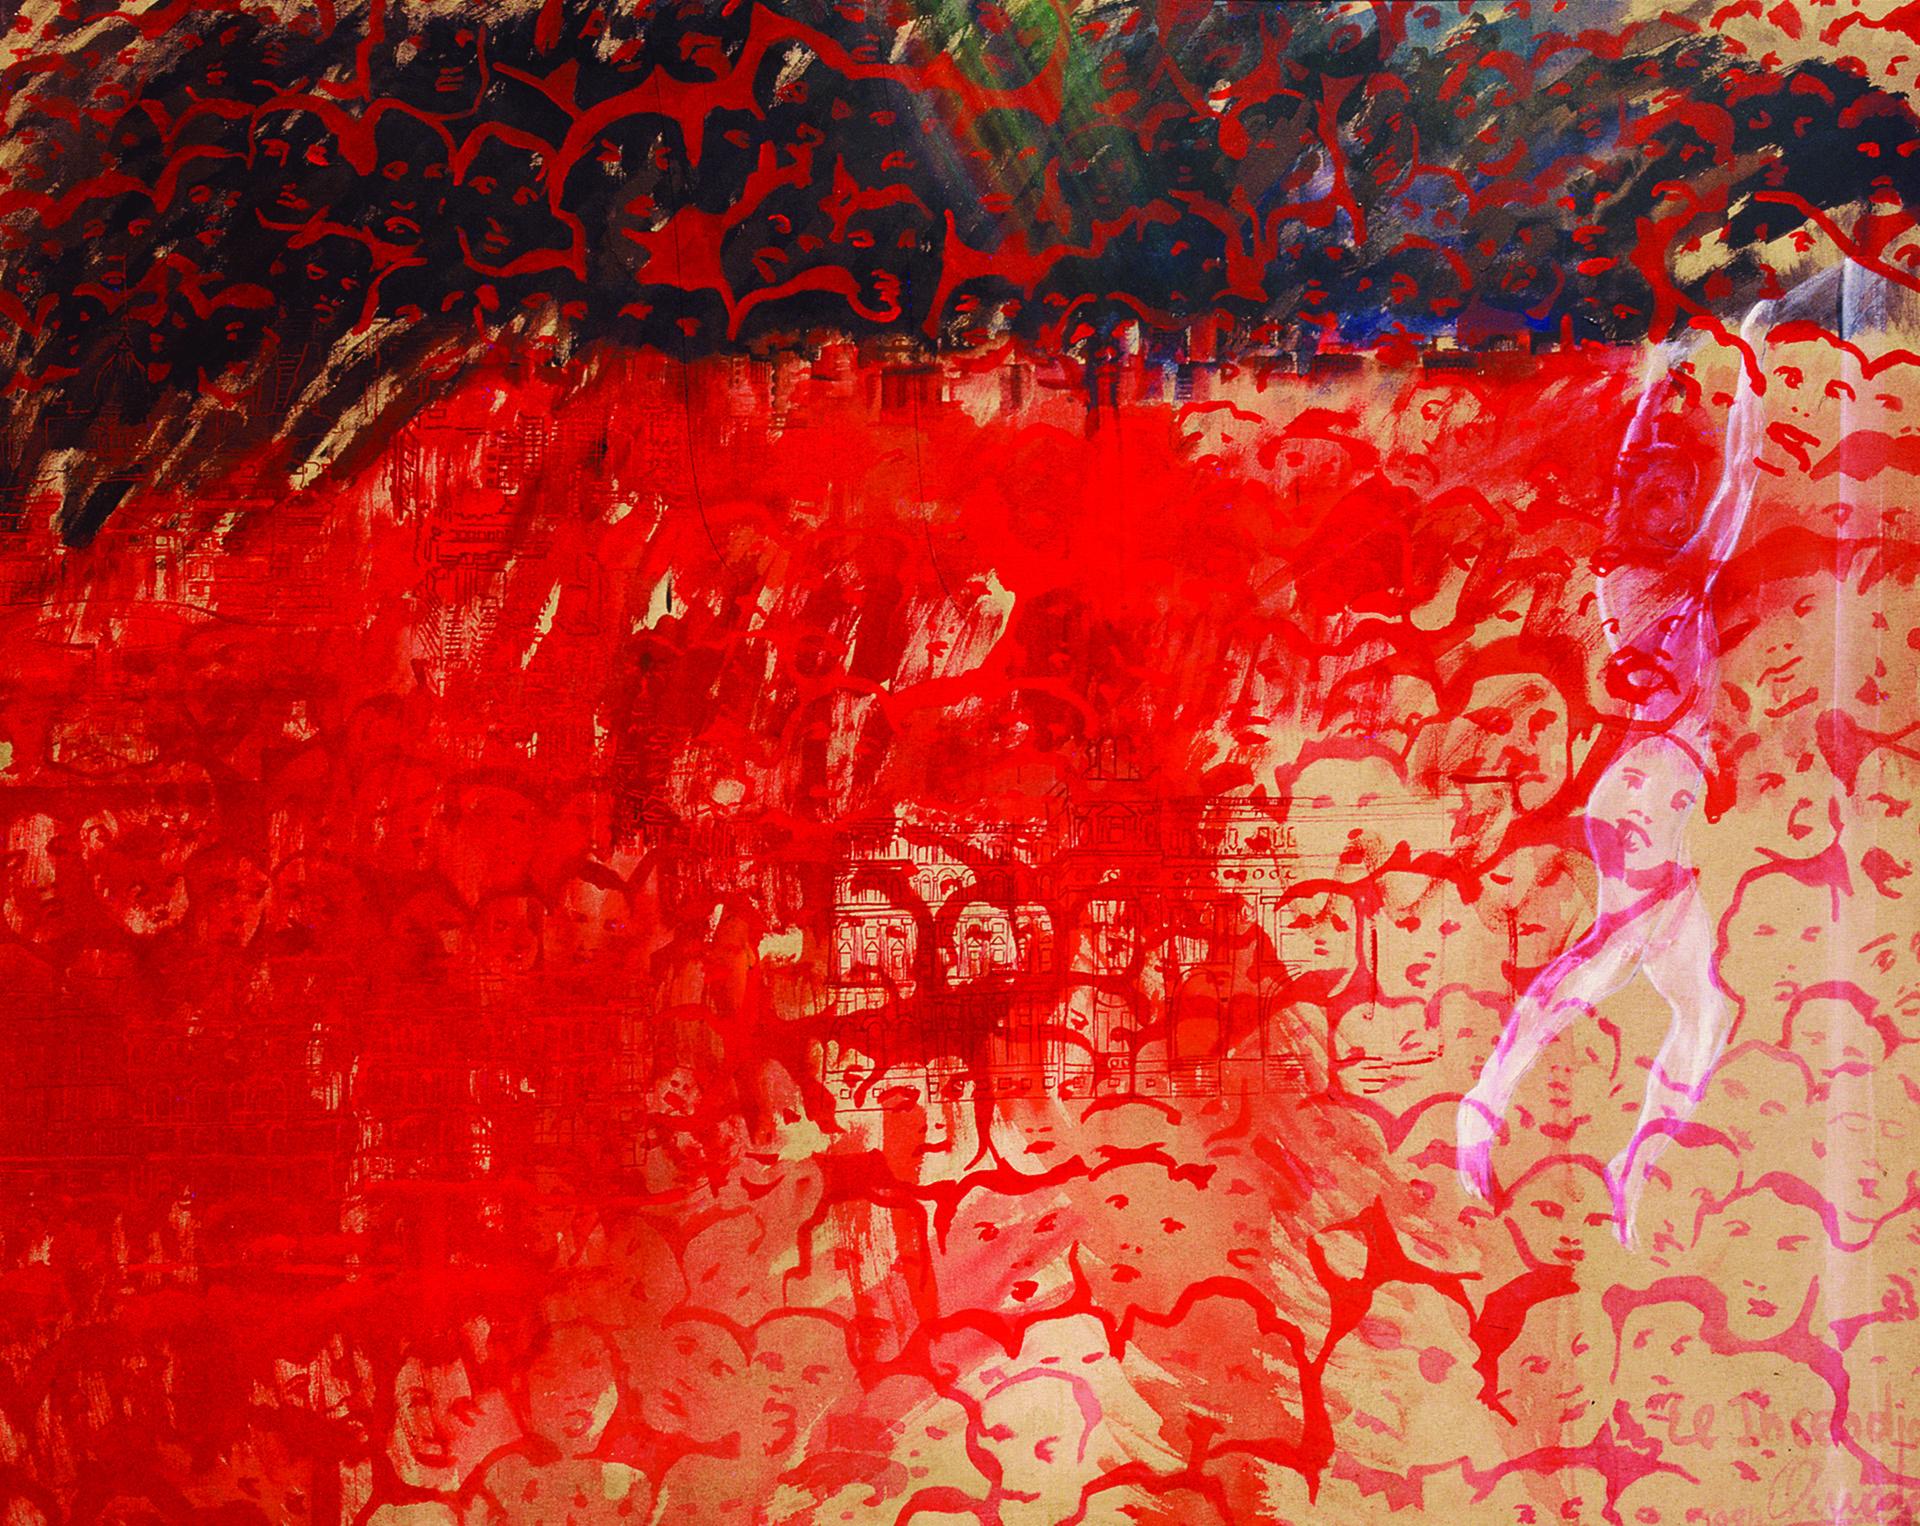 Galería: Henrique Faria New York/Buenos Aires. Artista: Elda Cerrato. Título: El incendio. Técnica: Acrílico sobre tela. Año: 1984. Medidas: 115 x 145 cm